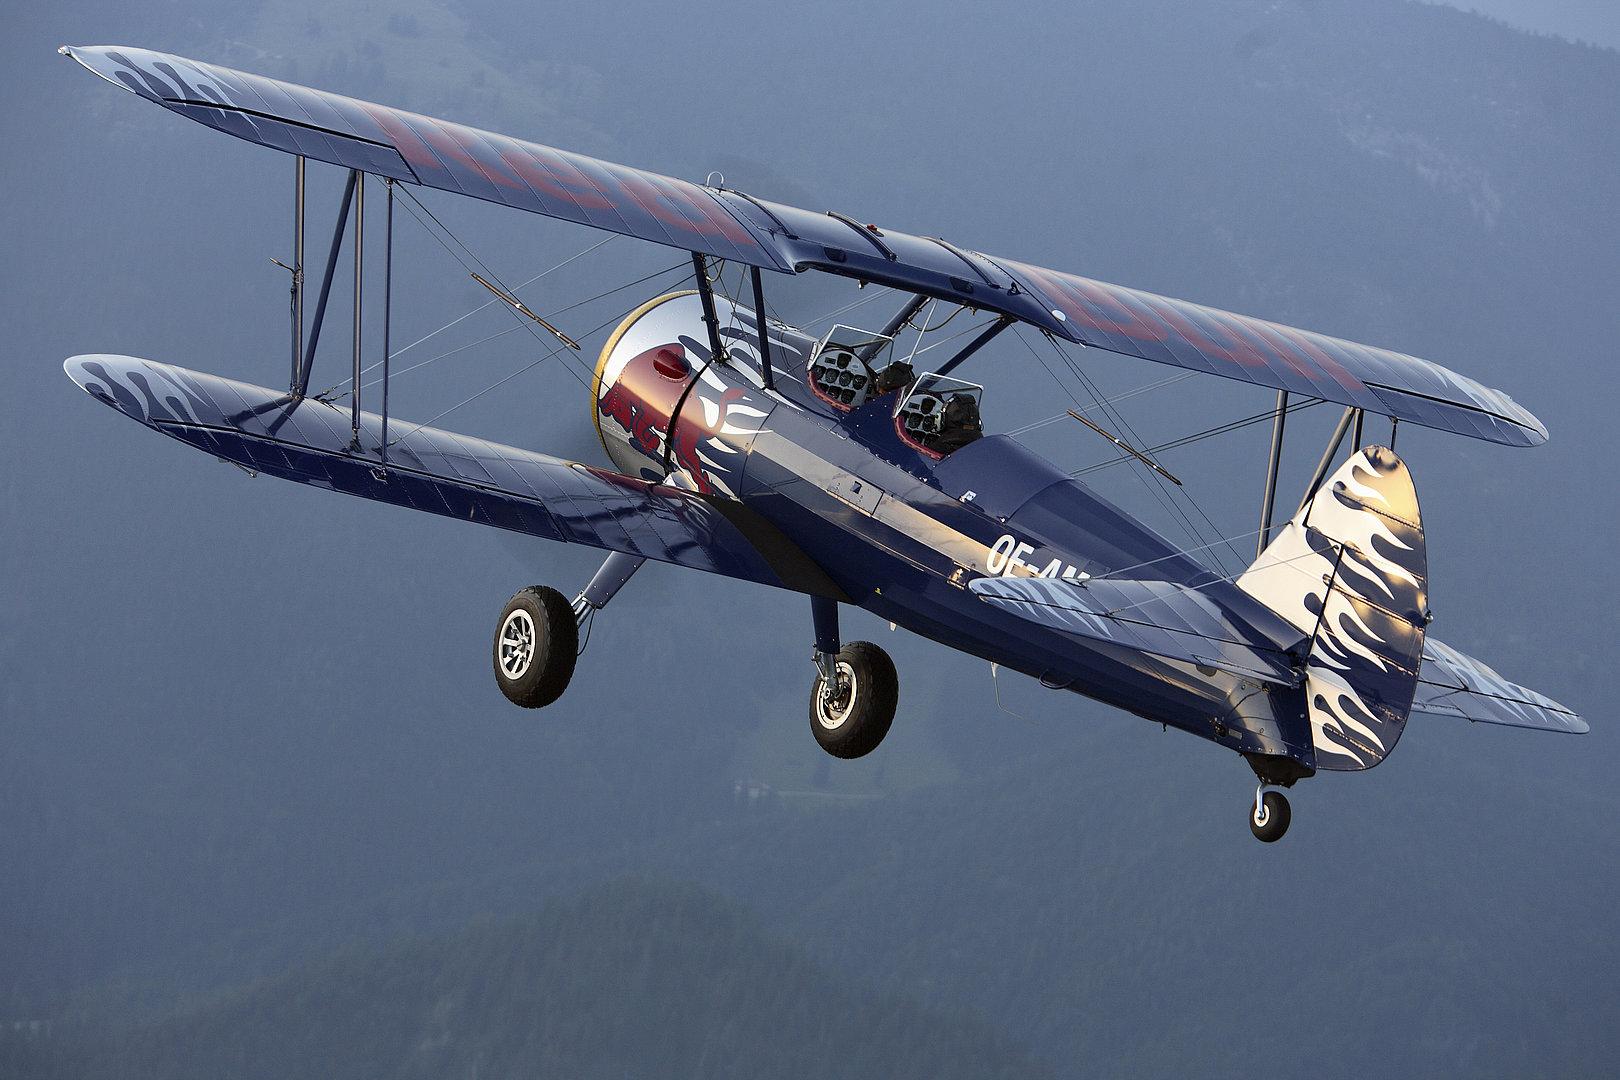 PT-17 Stearman | The Flying Bulls